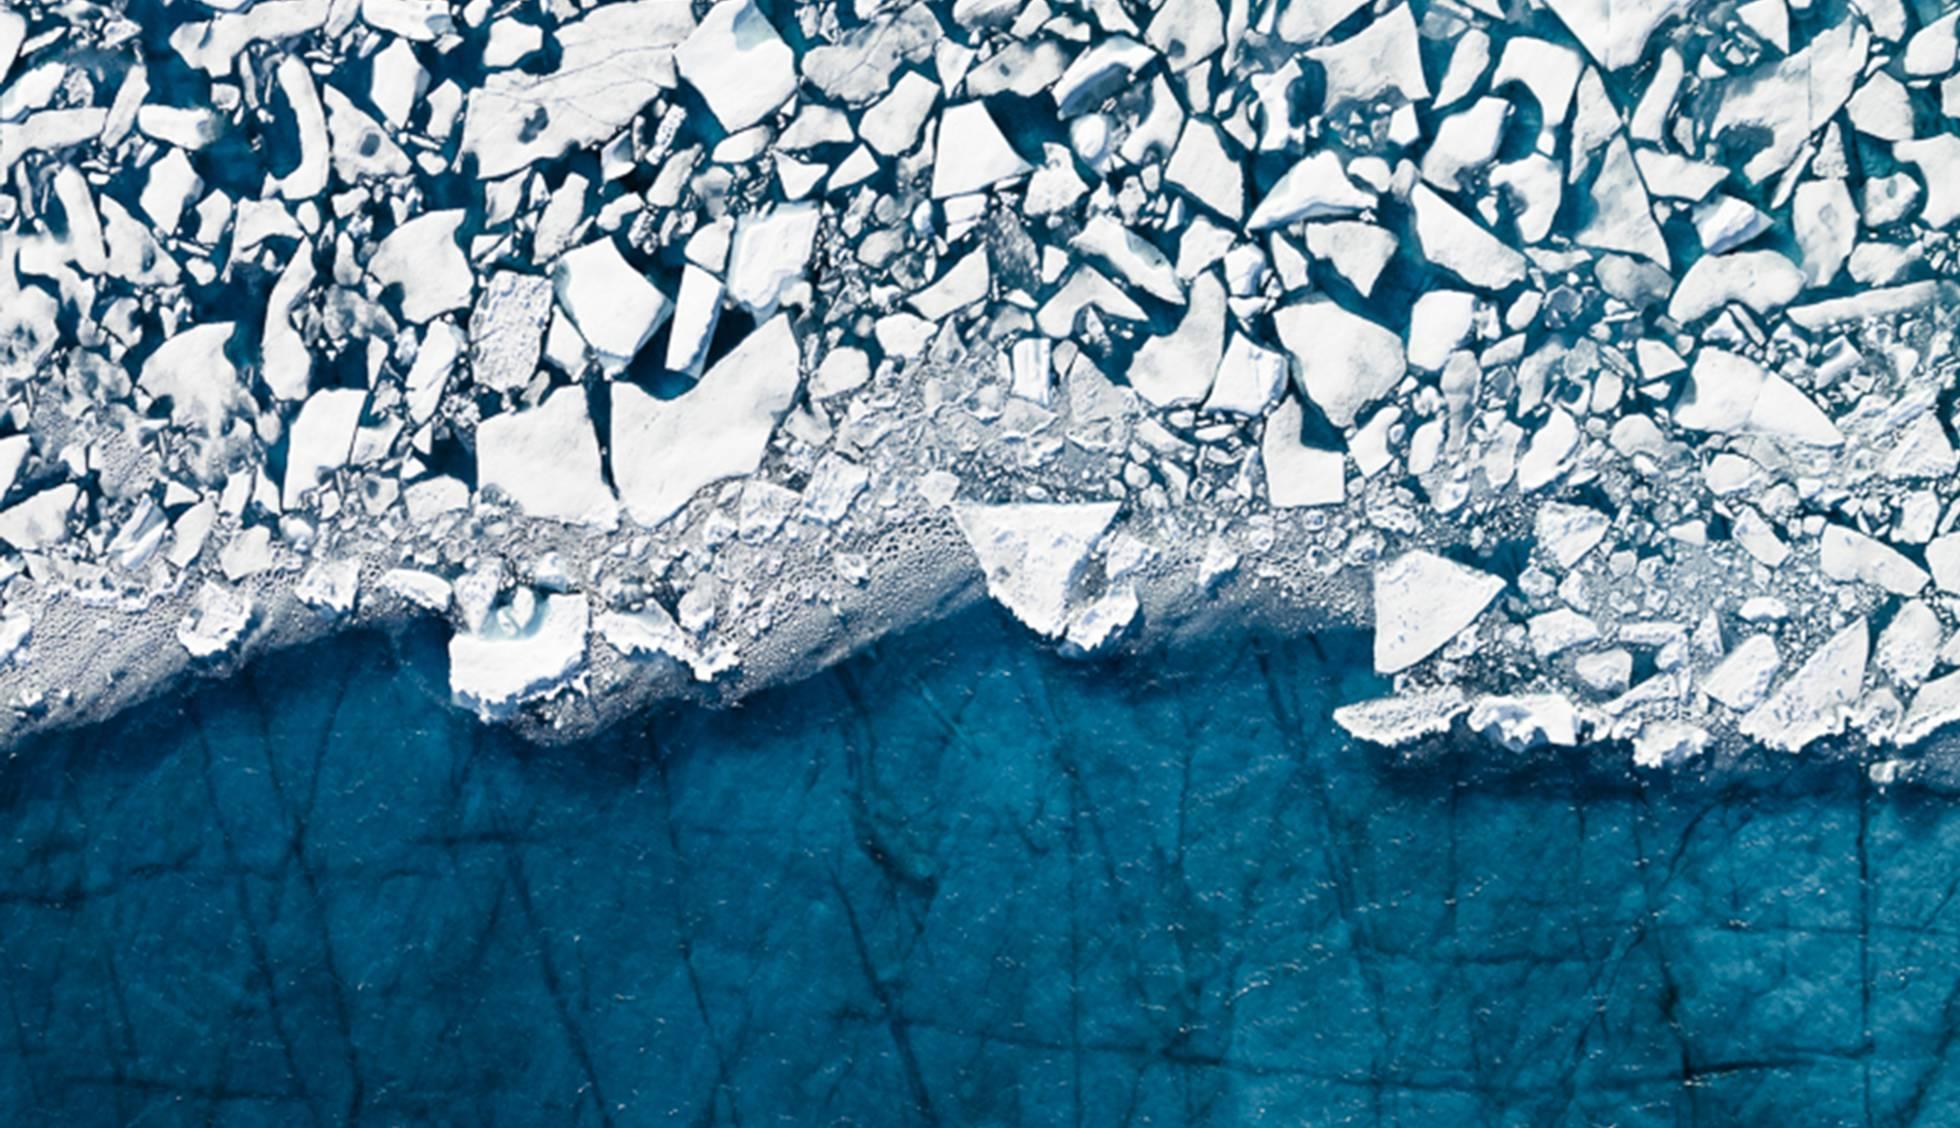 O gigantesco cubo de gelo que cobre a maior parte da Groenlândia, com quase cinco vezes a extensão de Espanha, se está derritiendo a um ritmo acelerado.